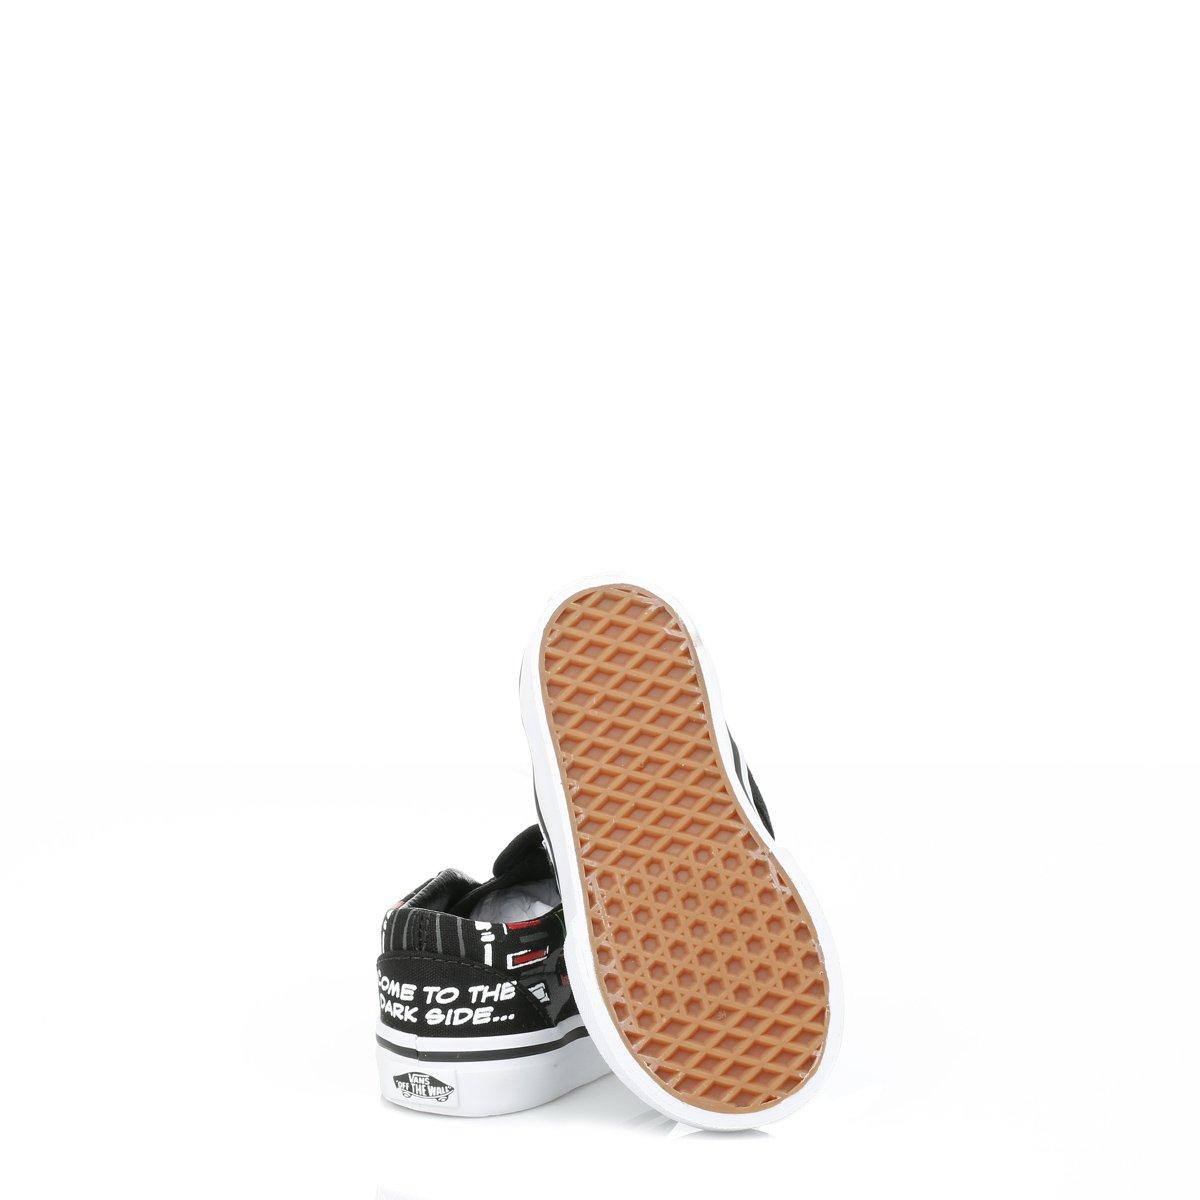 f971c0151a192 Vans Neonato Star Wars Nero Darth Vader Slip On scarpe da ginnastica   Amazon.it  Scarpe e borse